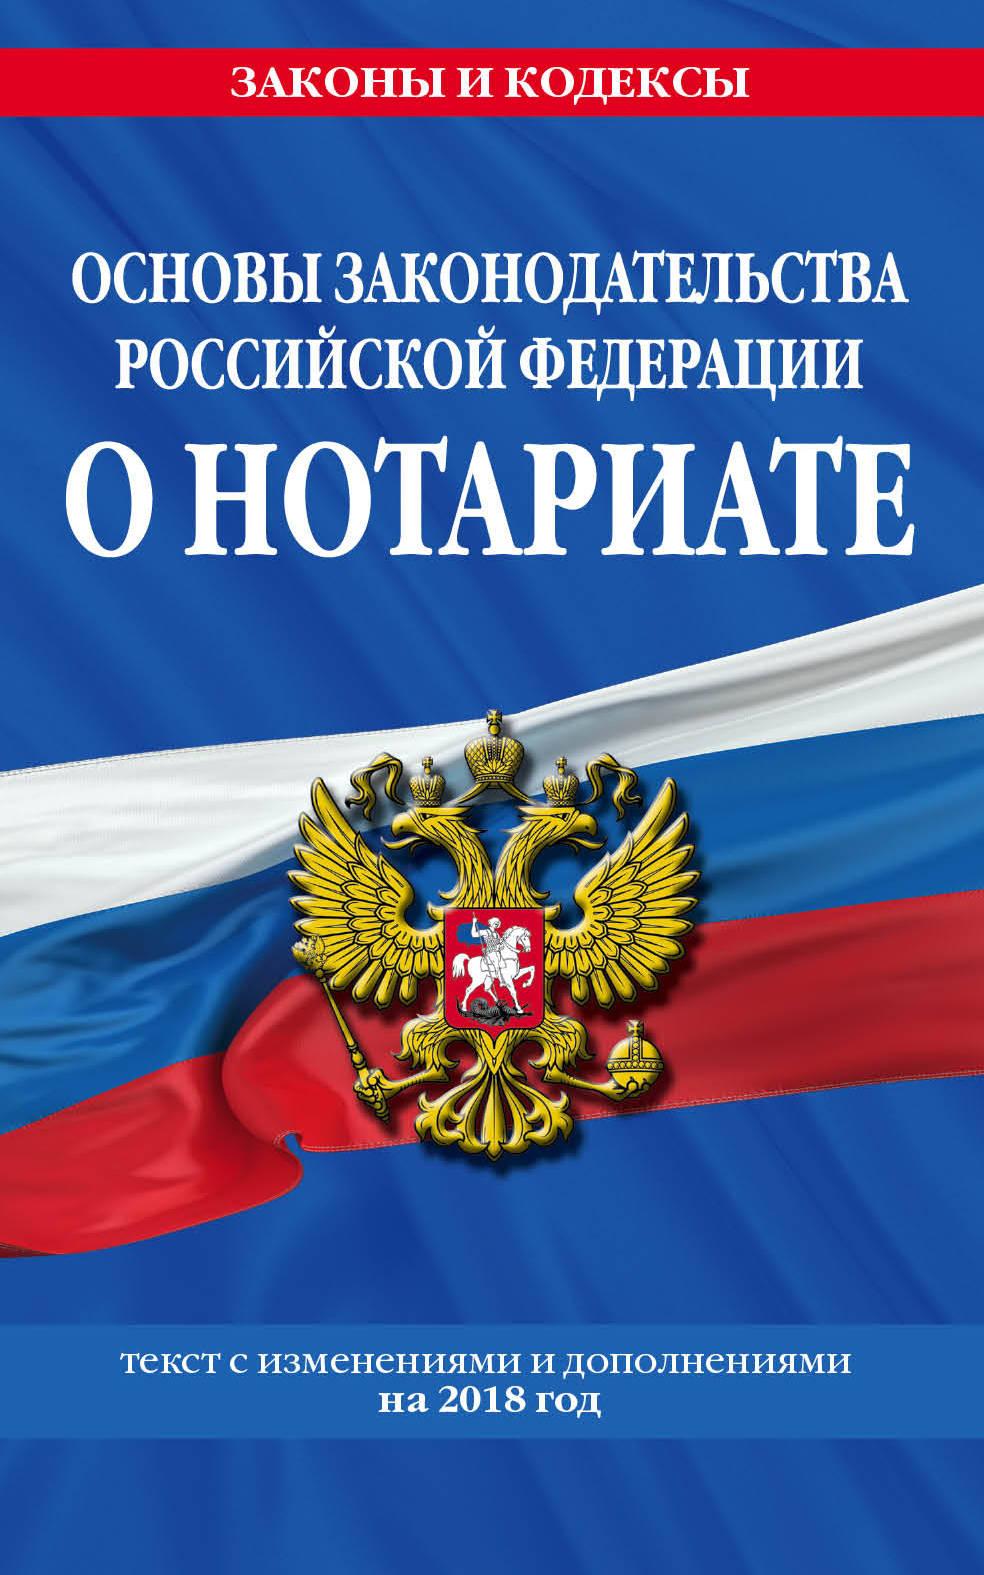 Основы законодательства Российской Федерации о нотариате. Текст с изменениями и дополнениями на 2018 год проект закона о нотариате с пояснениями